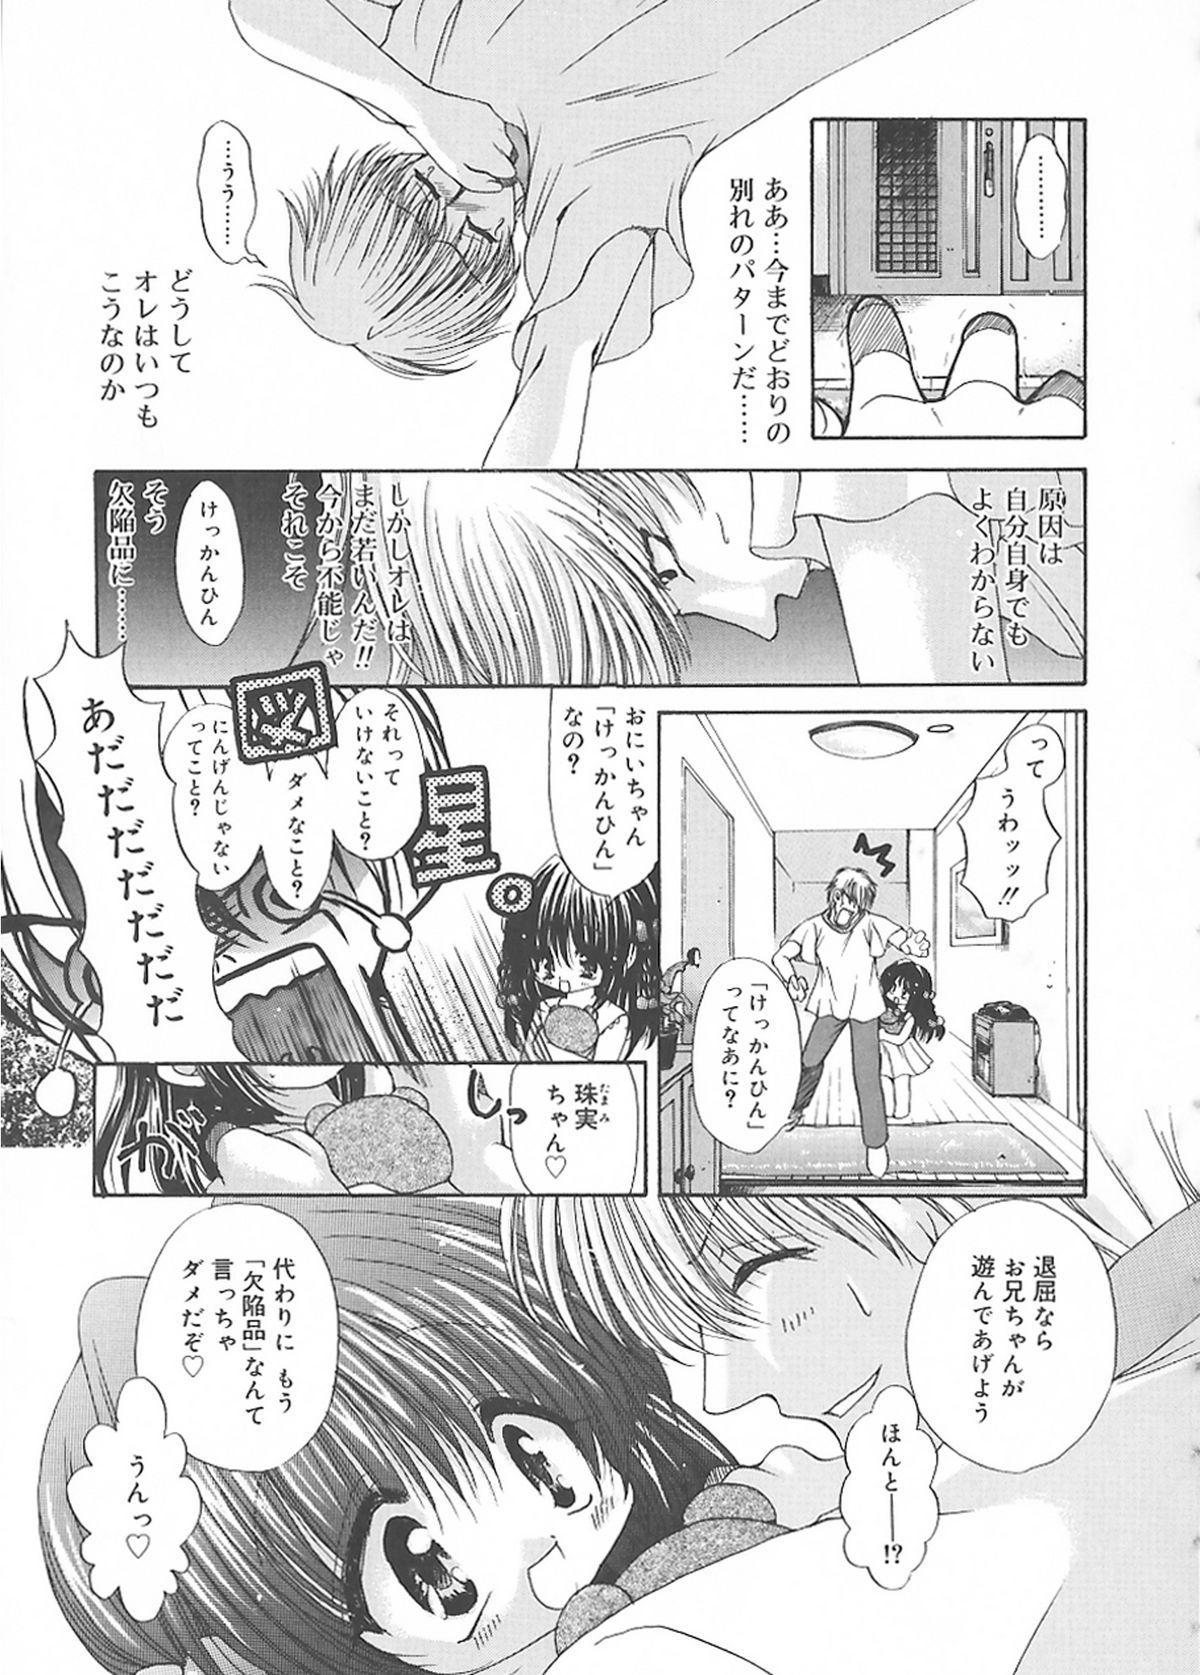 Cream Tengoku - Shinsouban 116